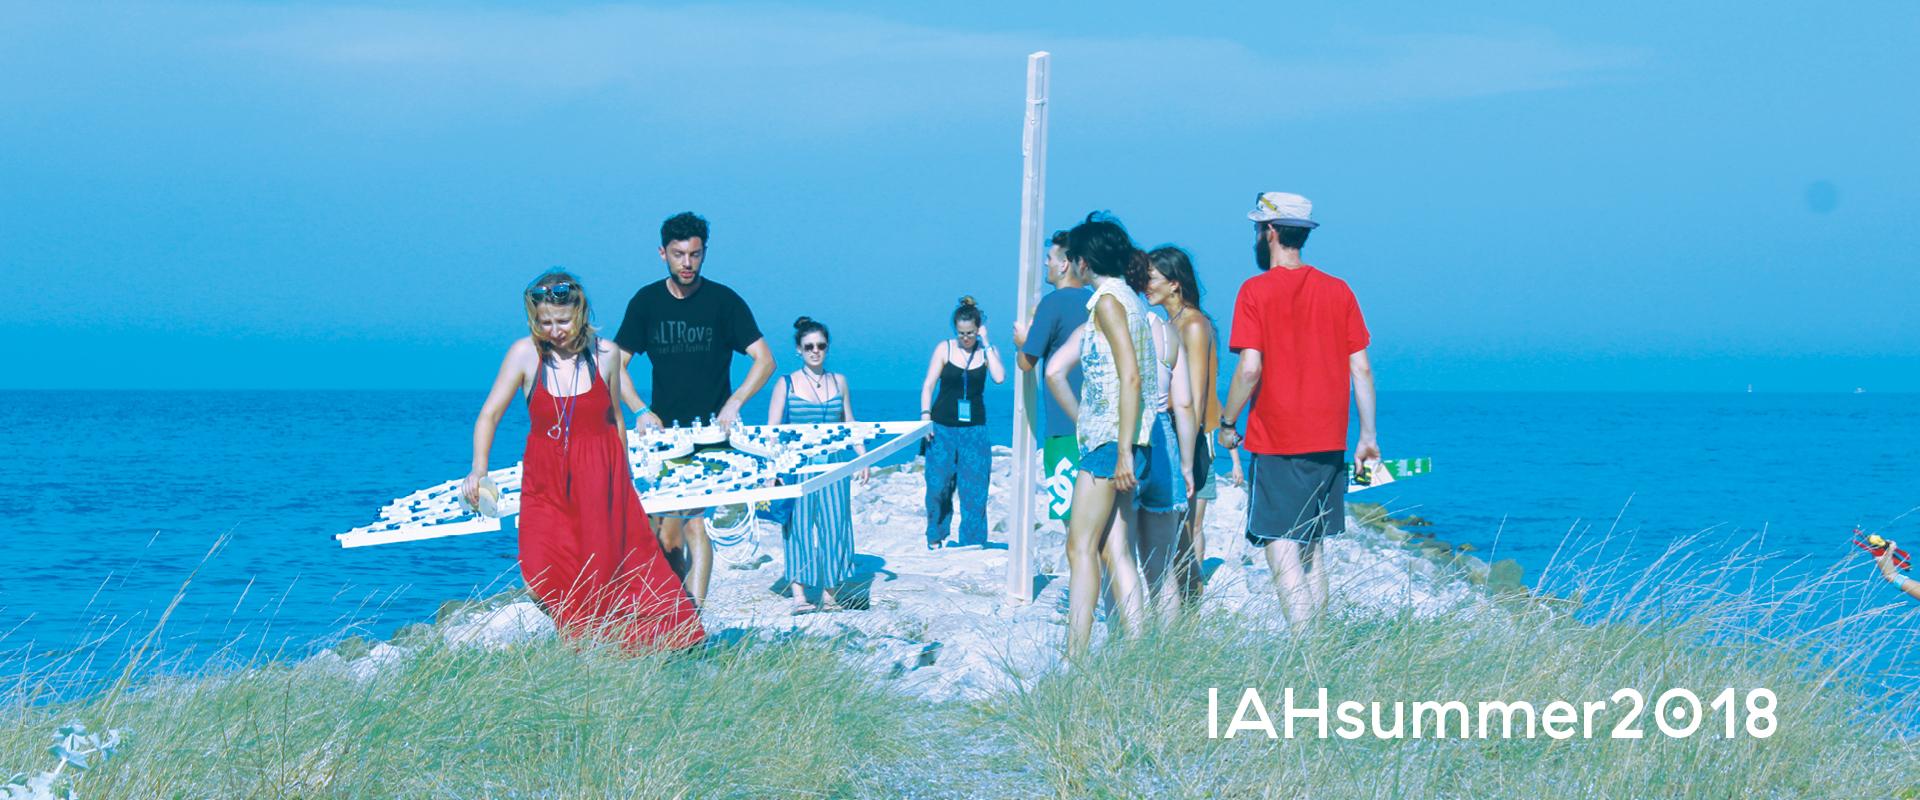 IAHsummer18